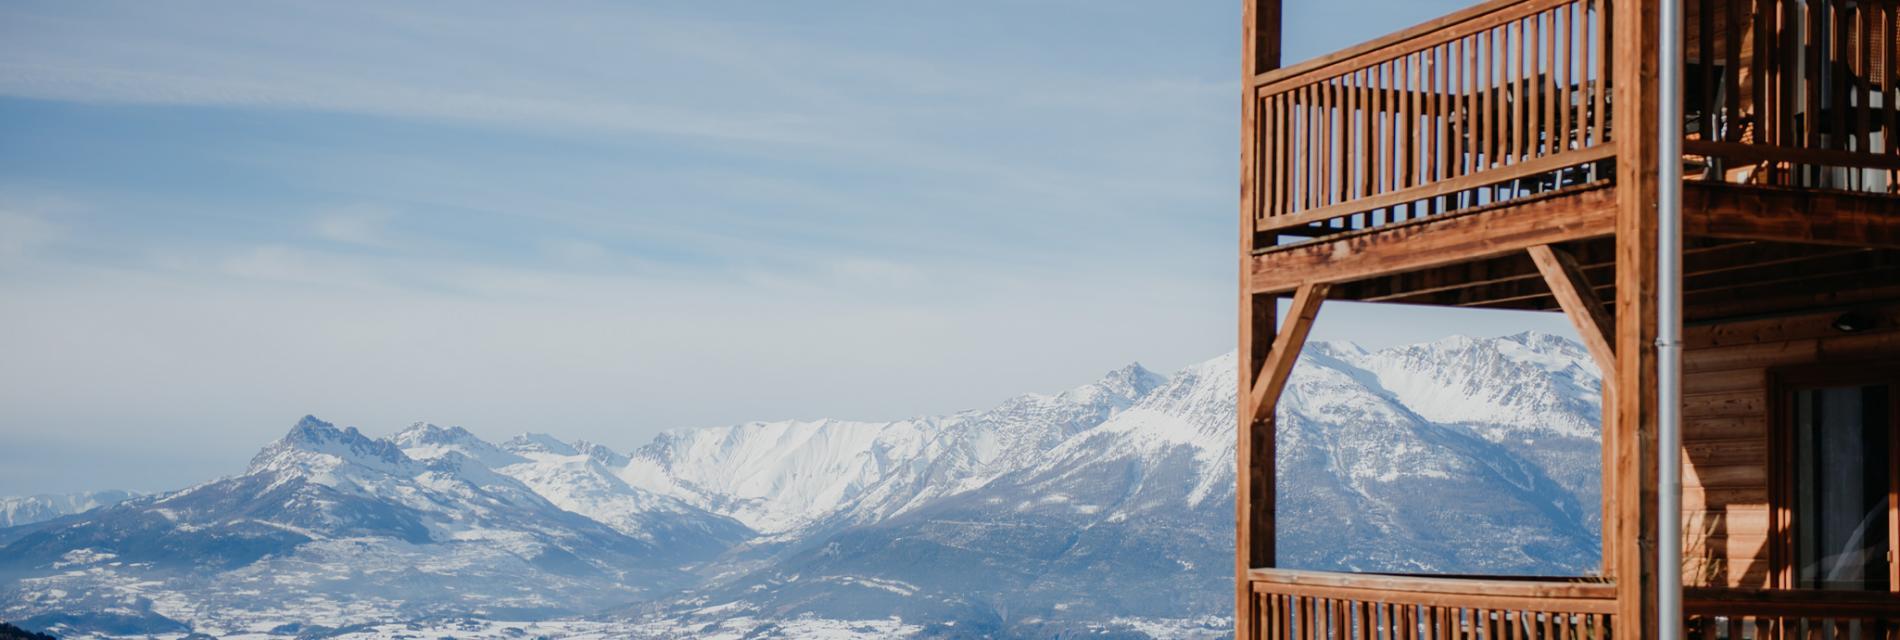 Slide la vue sur le domaine skiable